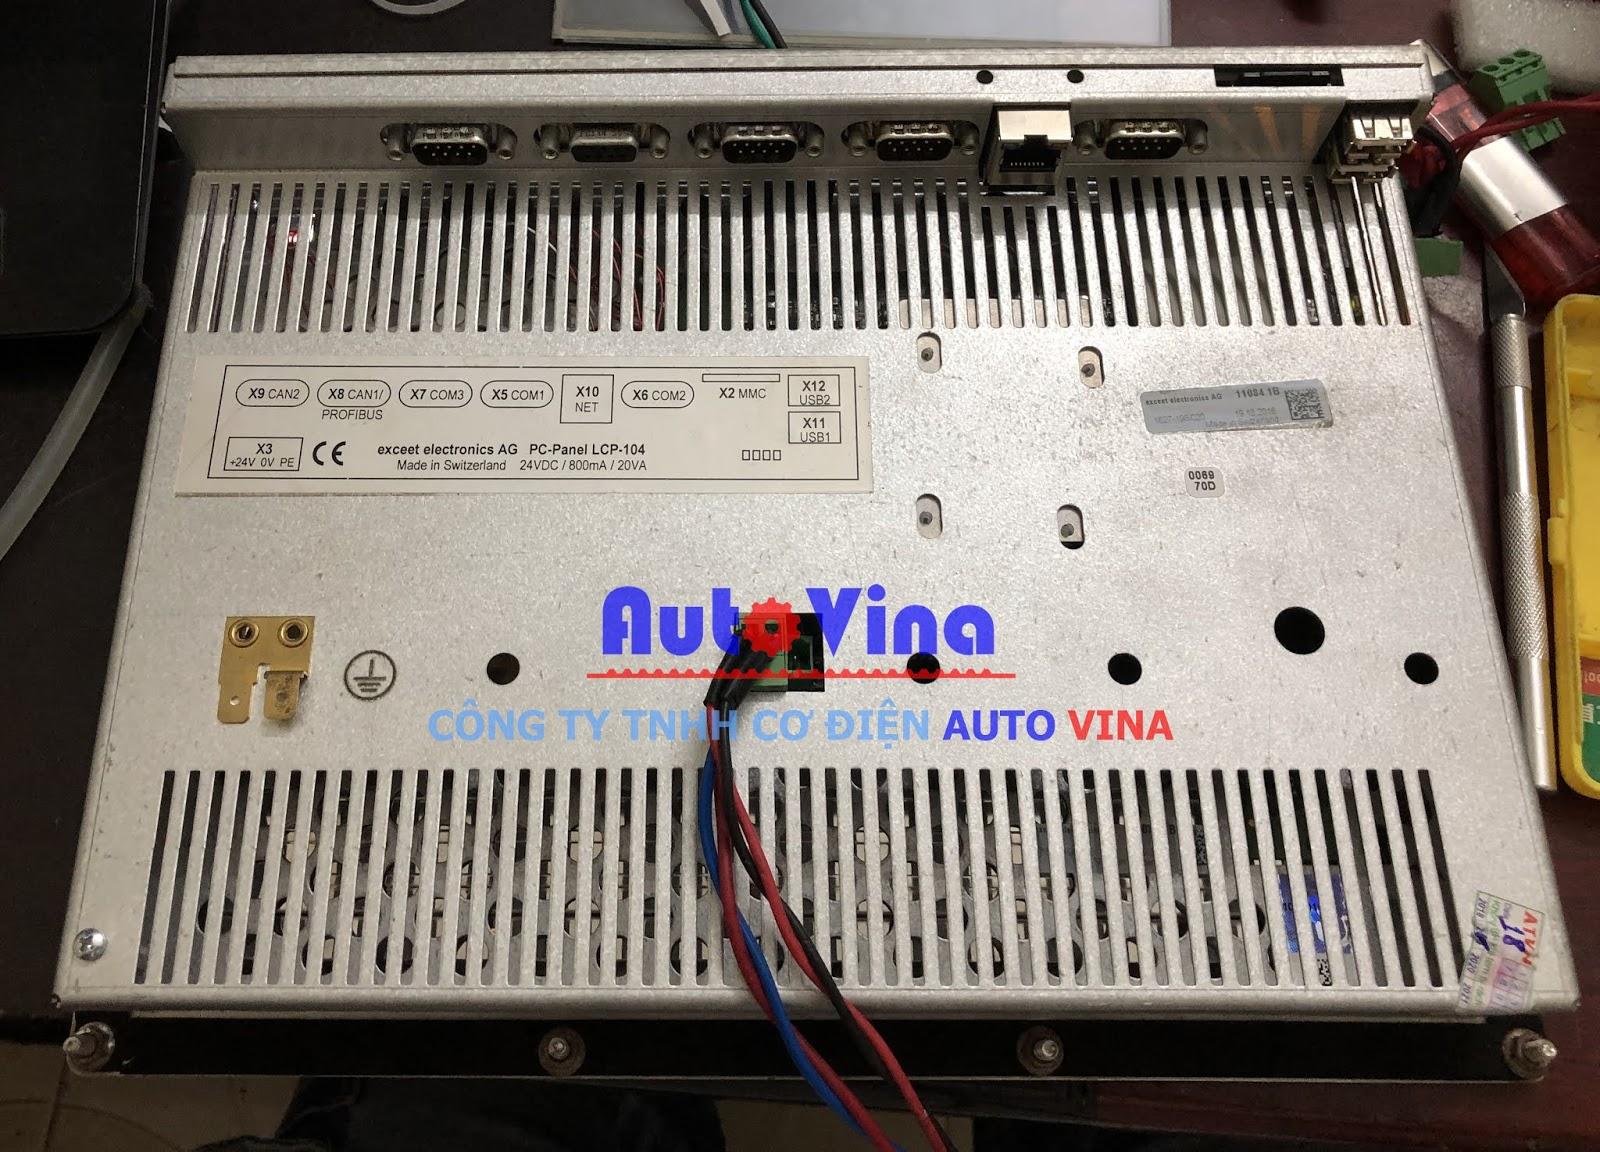 Hình ảnh mặt sau của màn hình BUHLER execeet electronics AG PC-Panel LCP-104